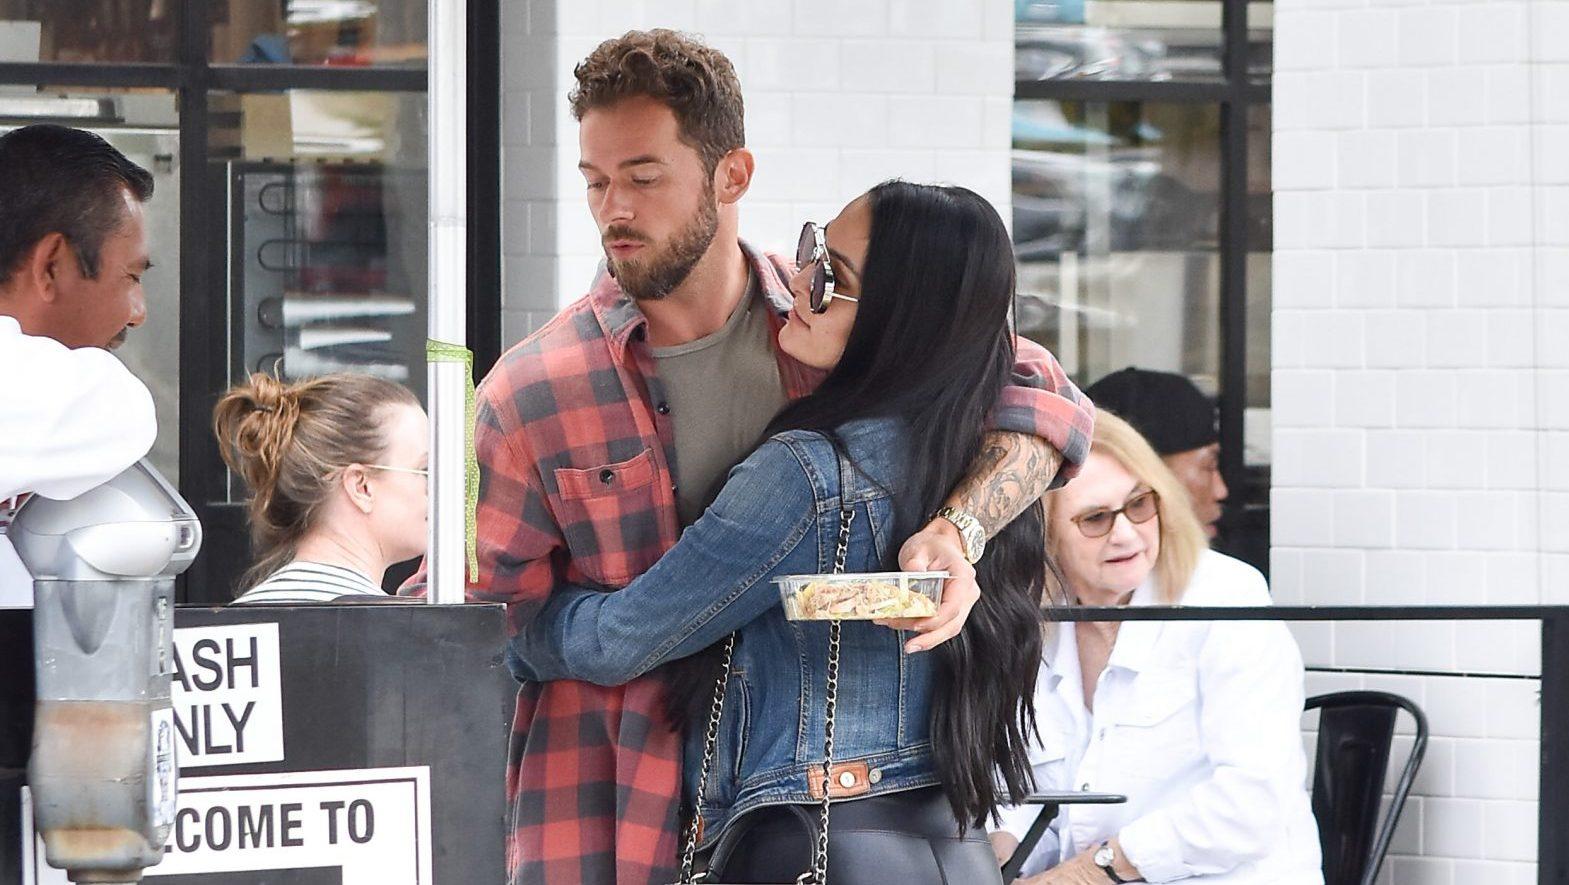 Nikki Bella and Boyfriend Artem Chigvintsev Pack on PDA in L.A.